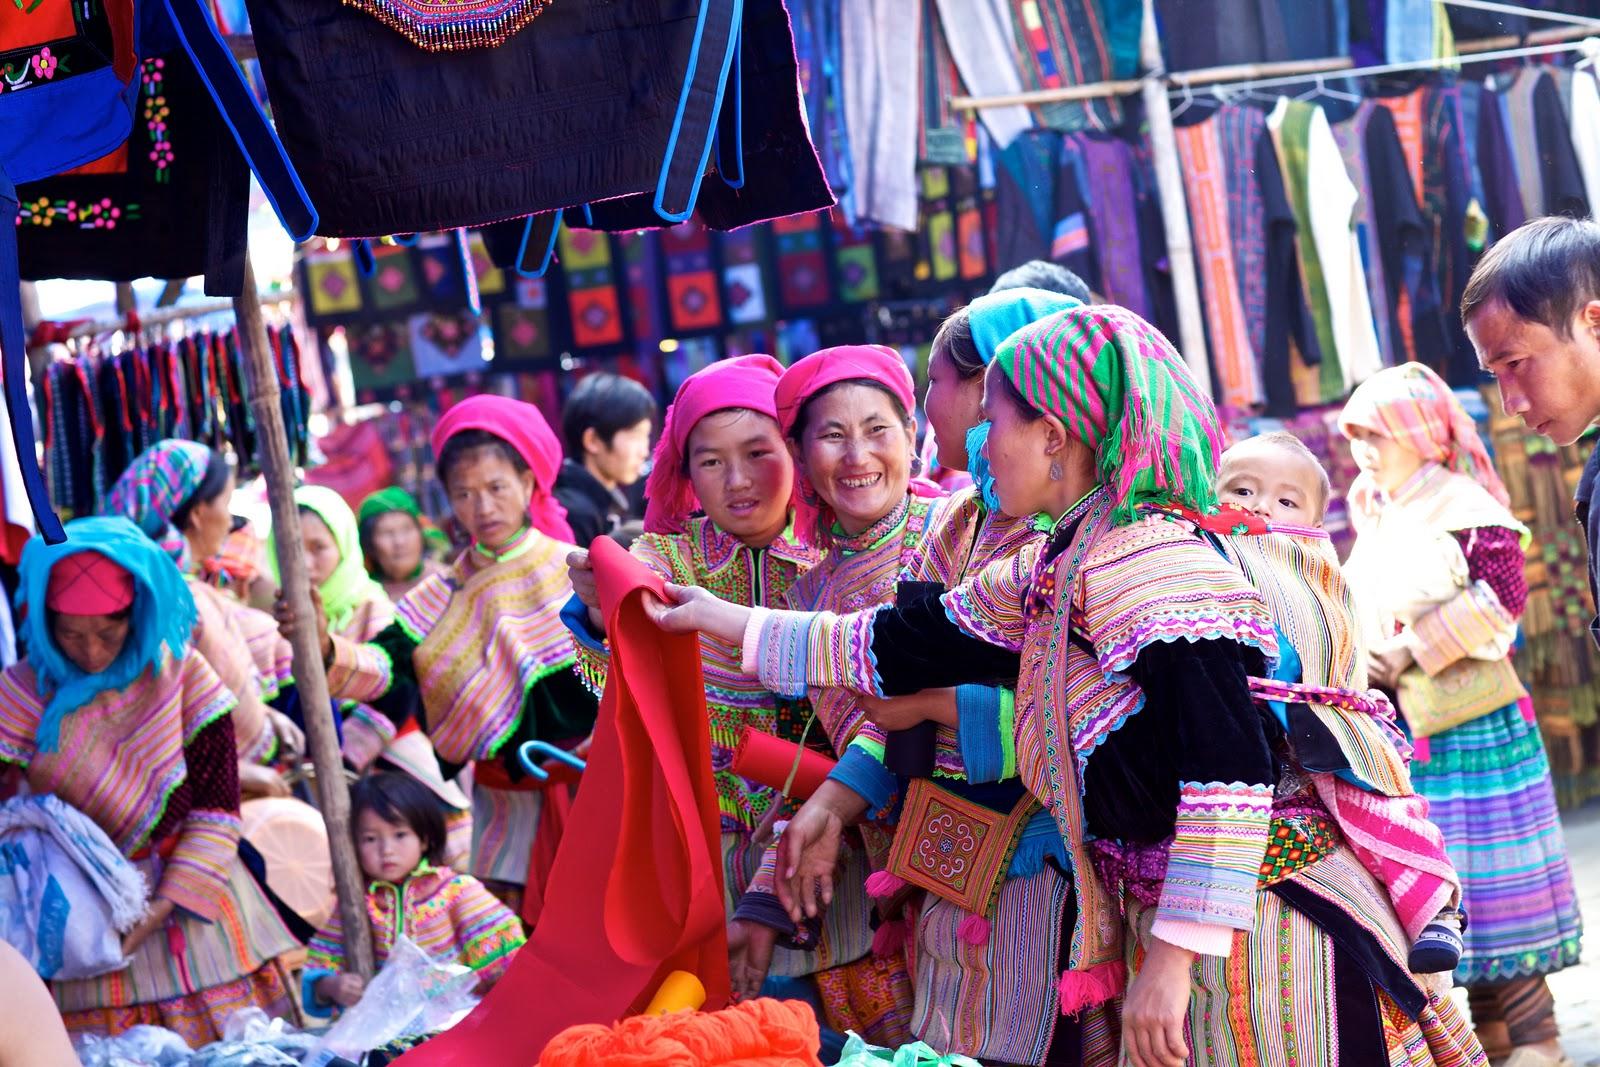 Chợ phiên Bắc Hà, Chợ phiên Bắc Hà – Nơi lưu giữ văn hóa của các dân tộc vùng cao Tây Bắc